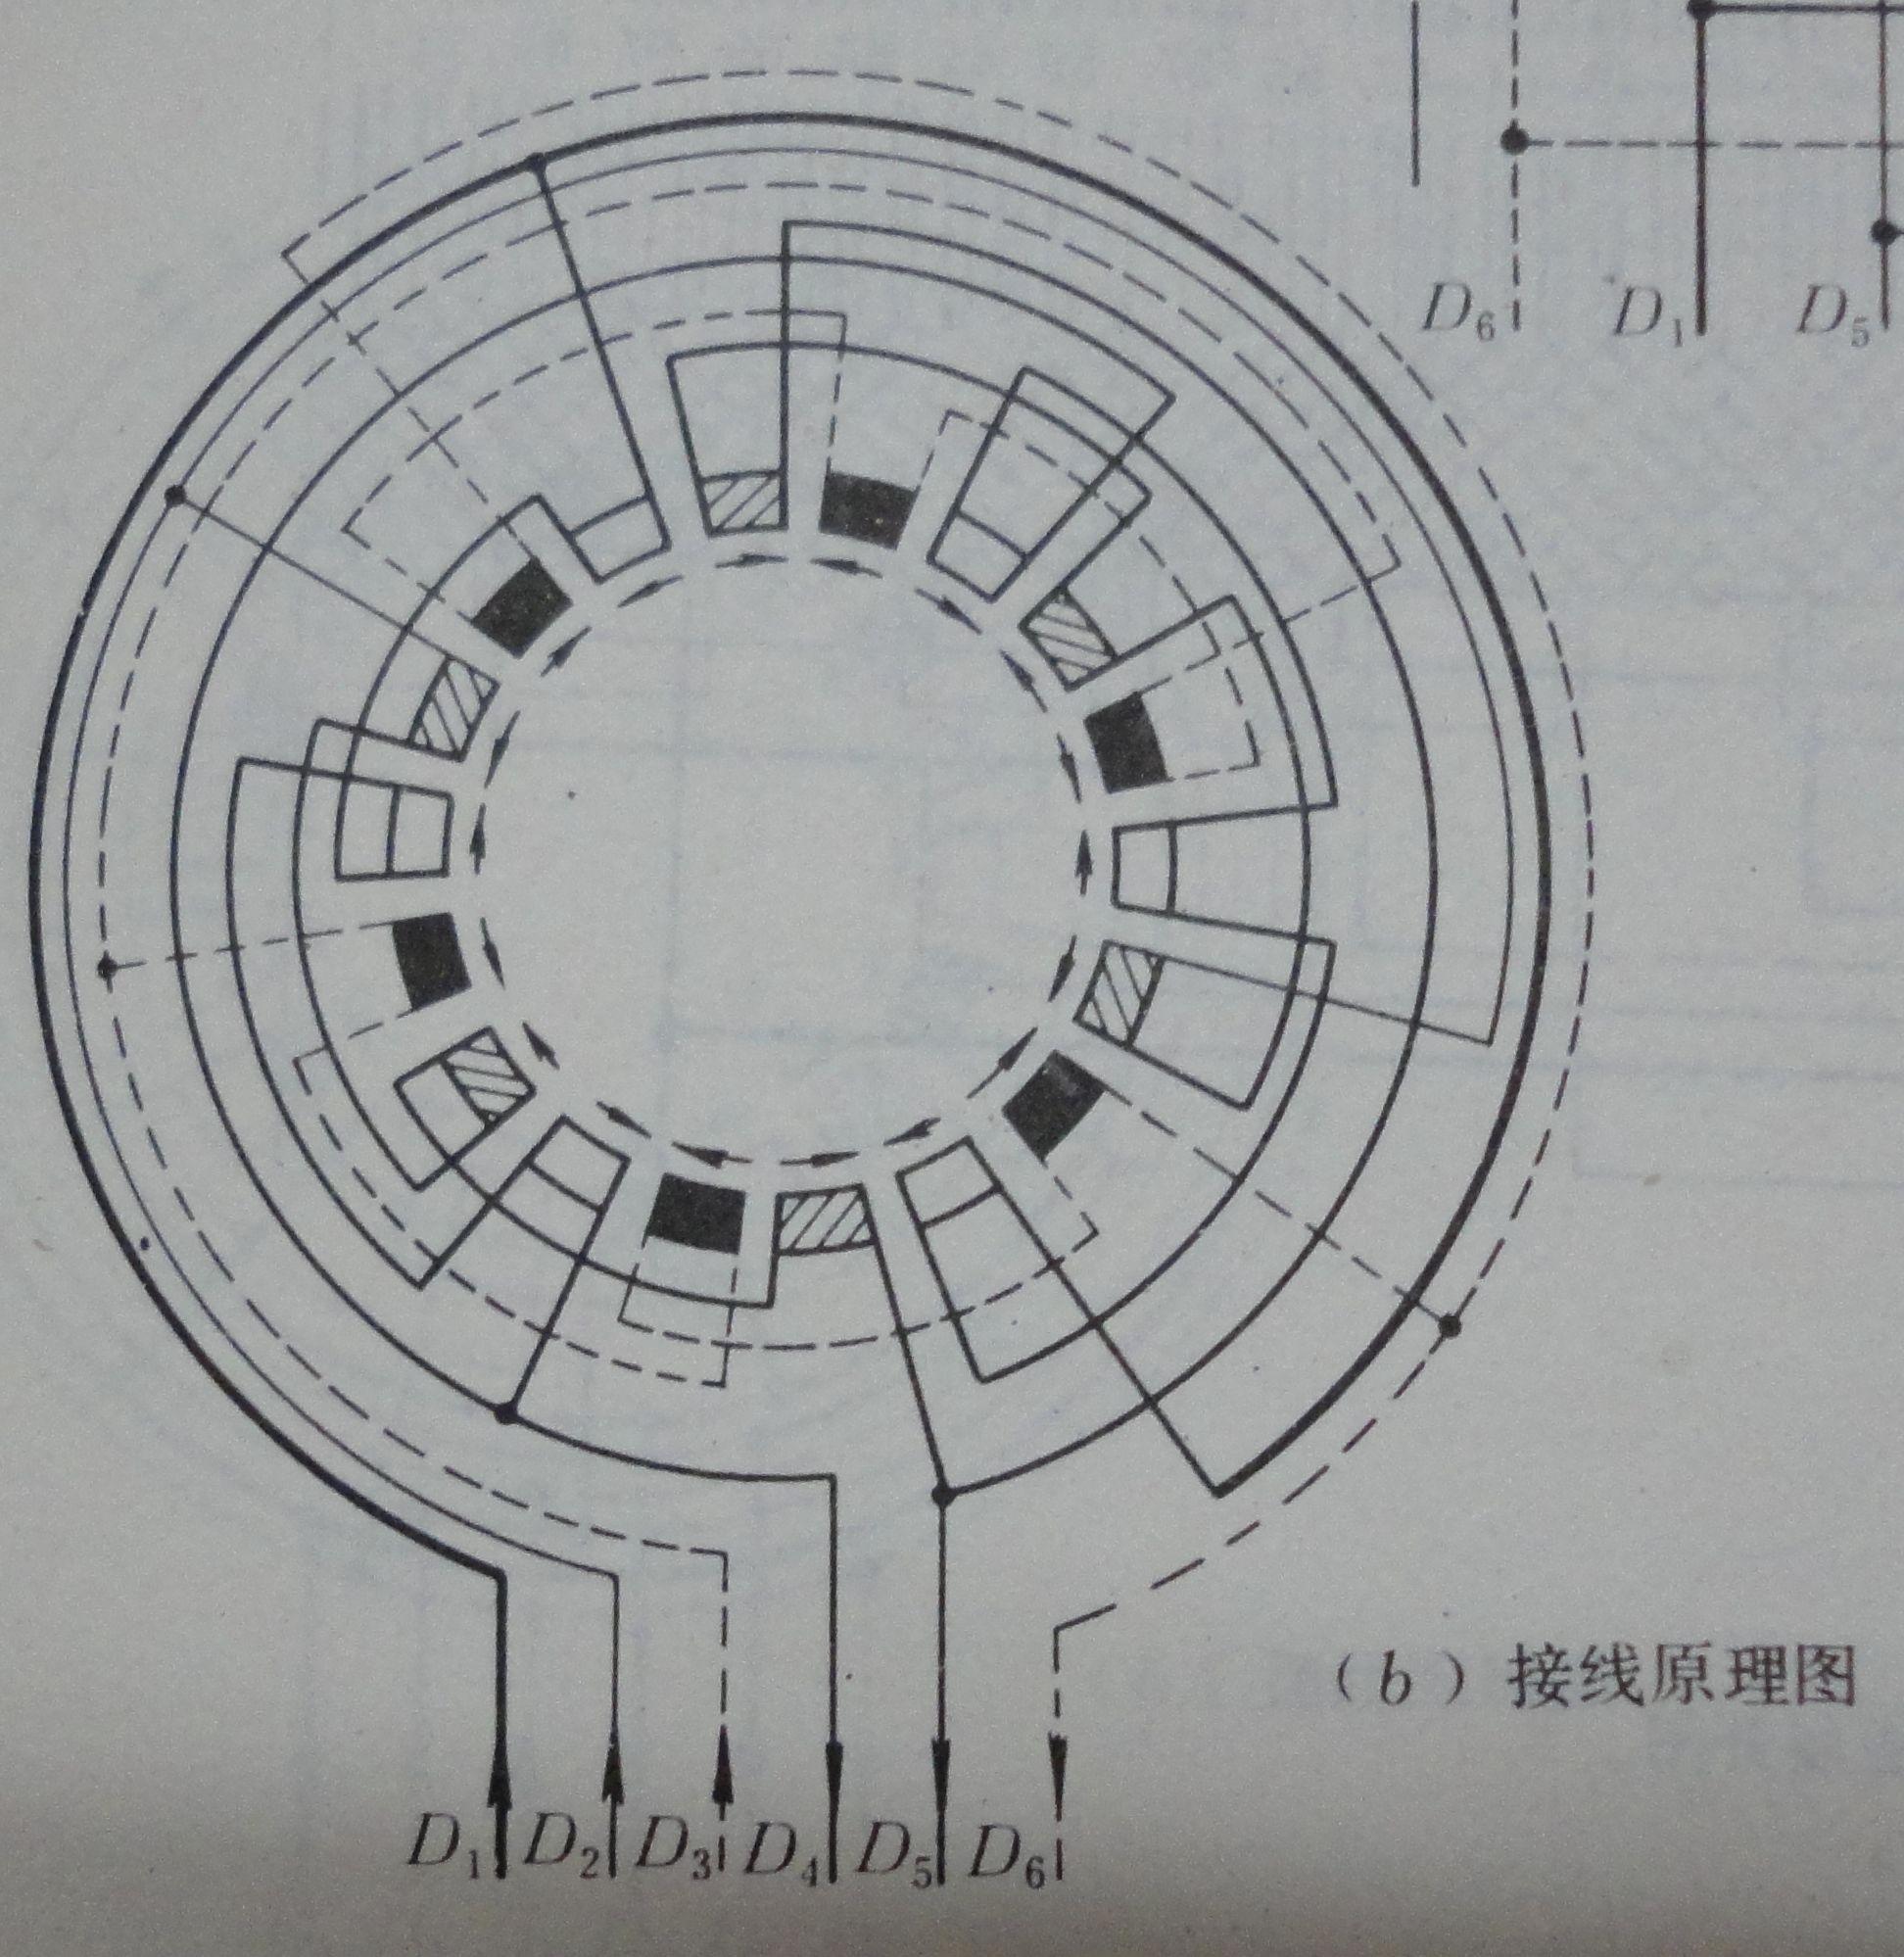 这个是54槽接线原理图